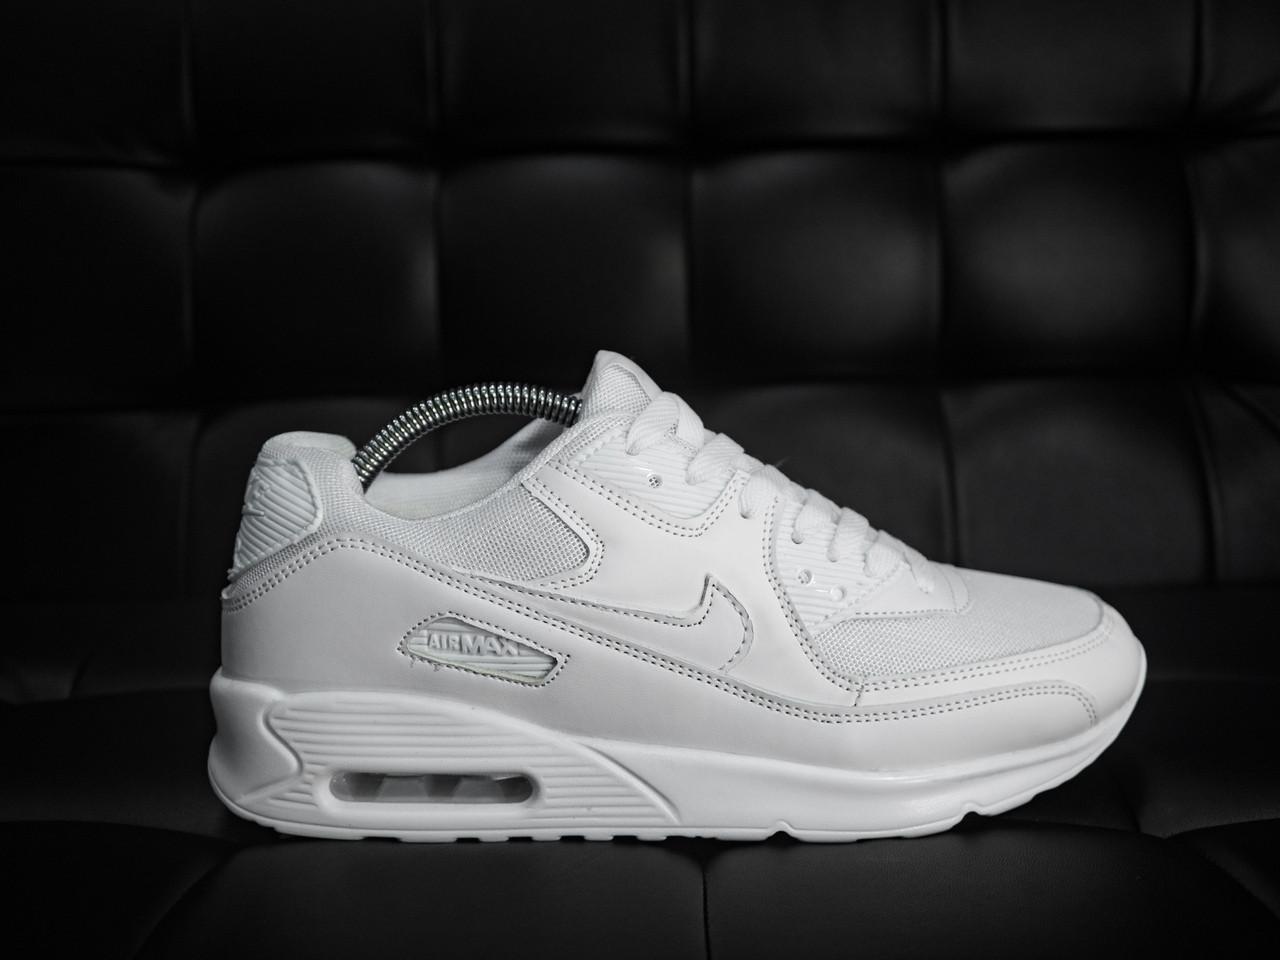 60bbc9ff Кроссовки мужские Nike Air Max 90 белые топ реплика - Интернет-магазин  обуви и одежды